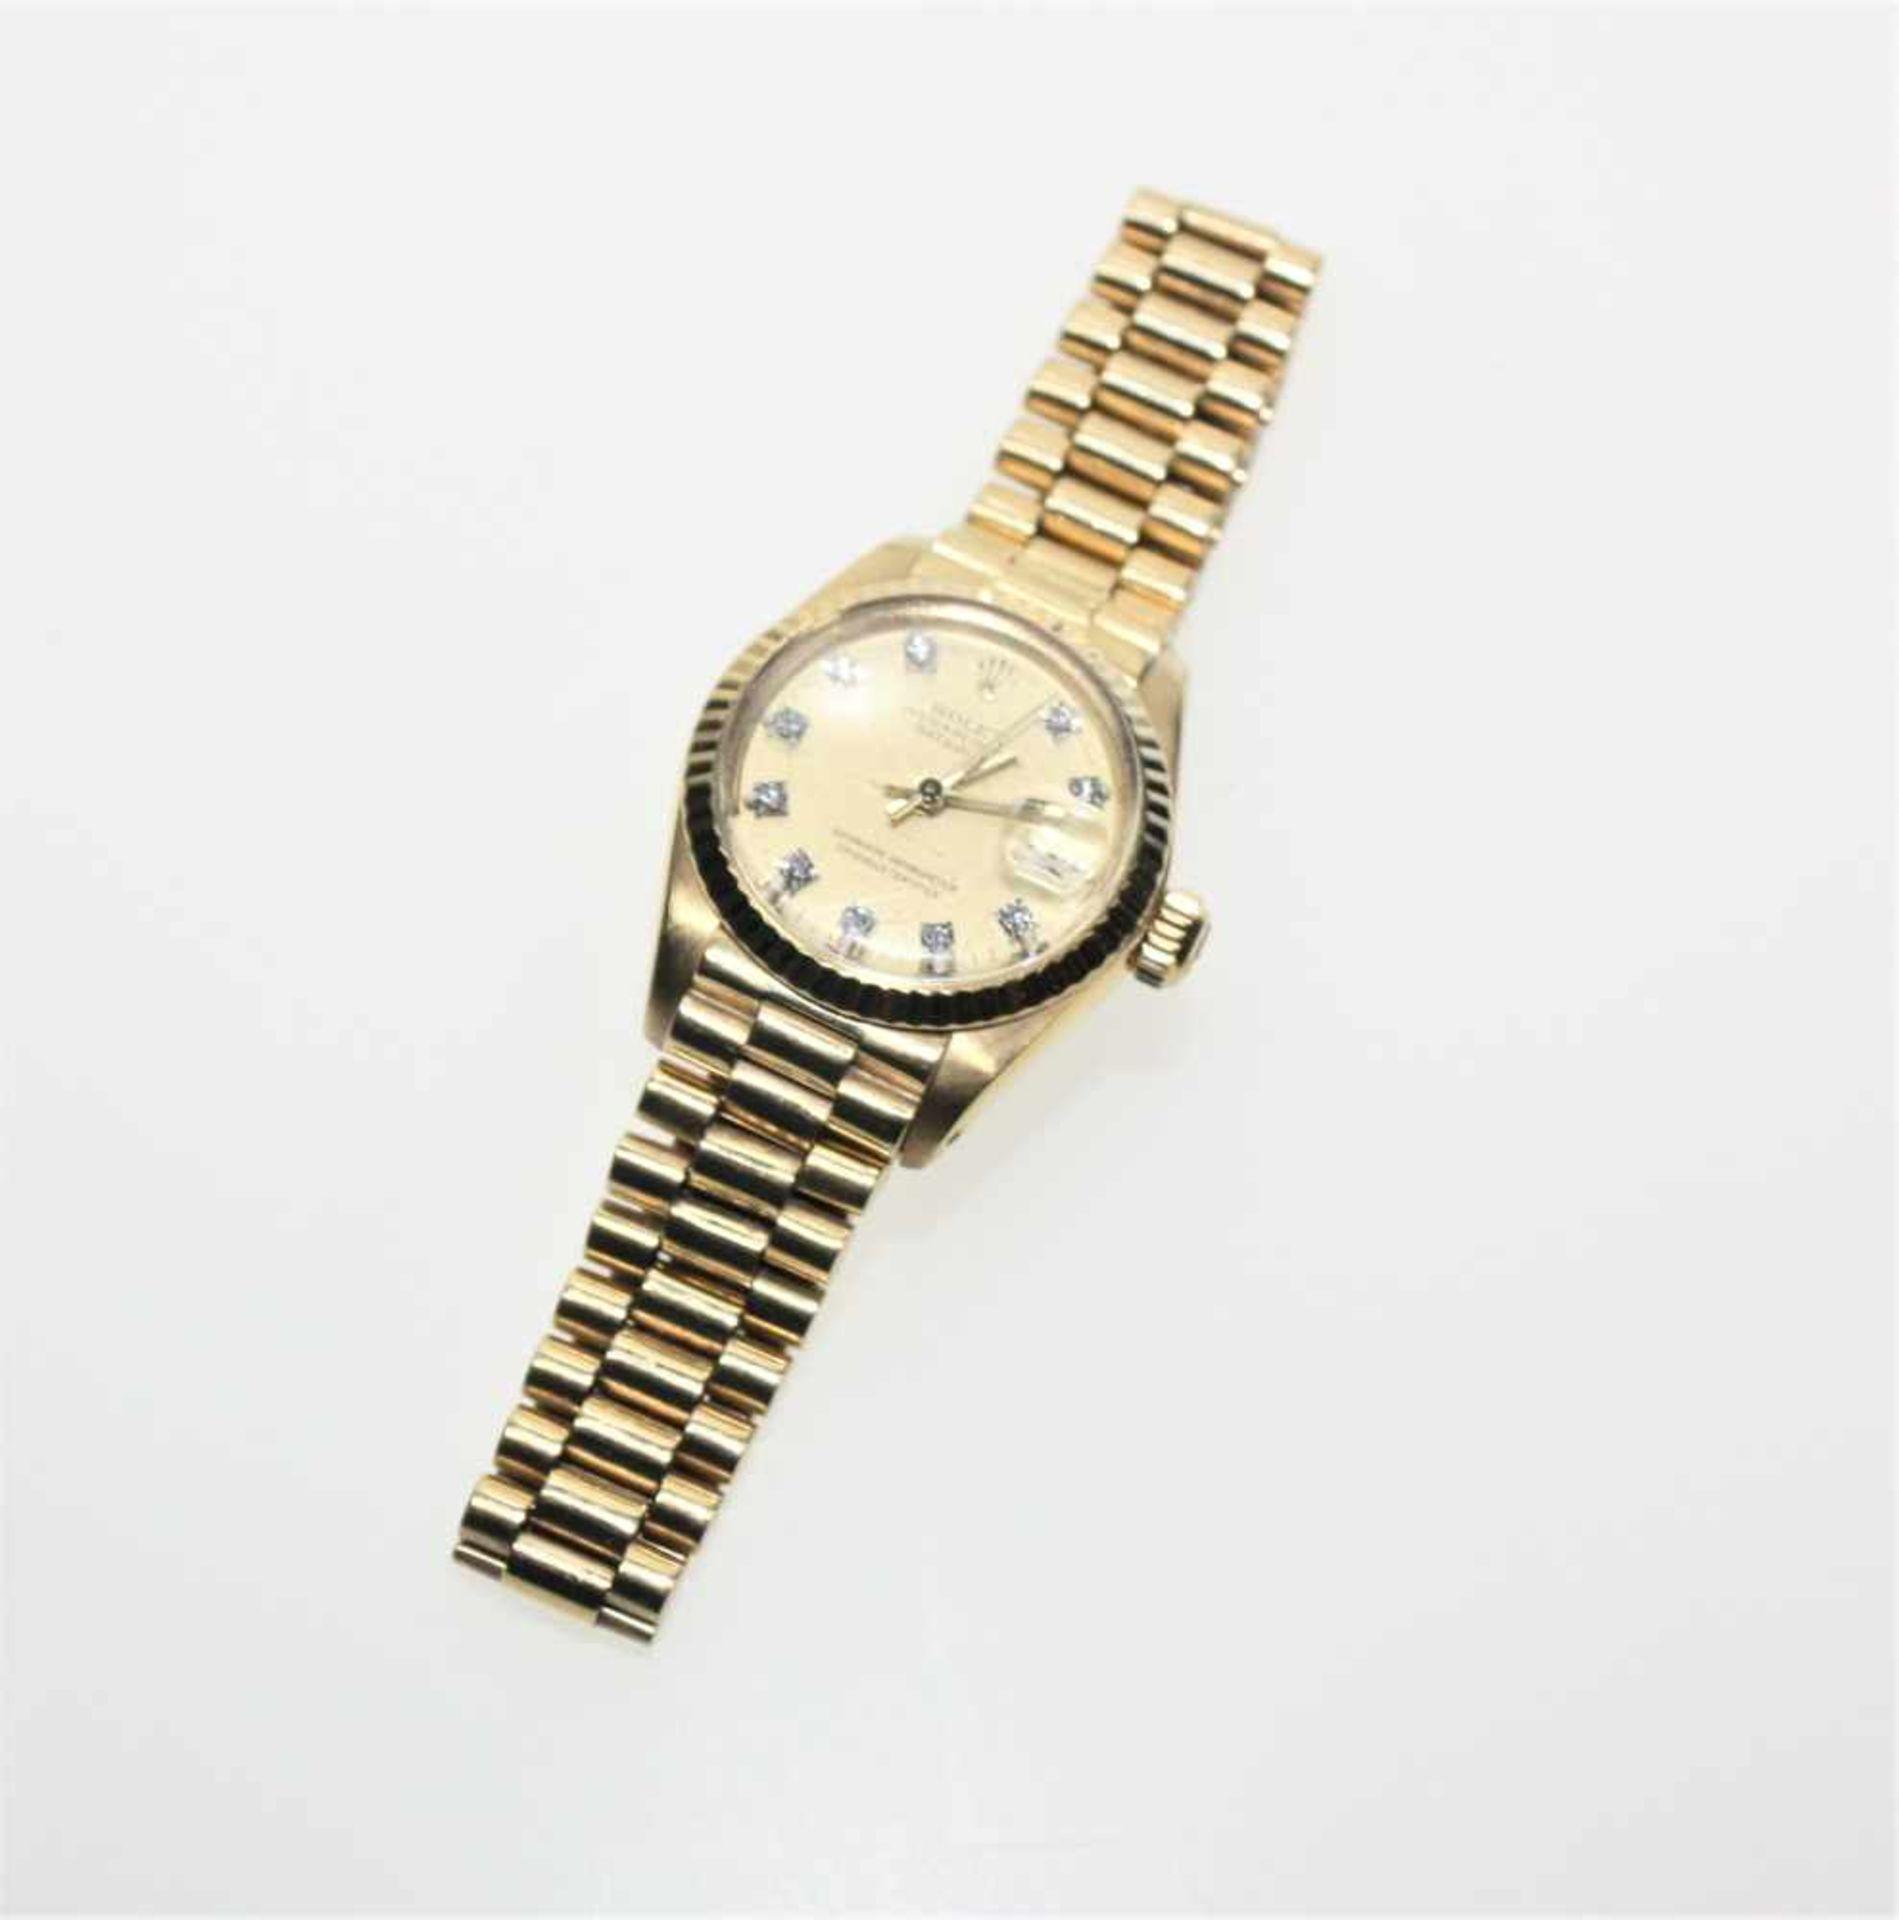 """Goldene Damen-Armbanduhr 18 K gest. """"Rolex, Oyster Perpetual"""", Datejust, Zifferblatt mit kleinen"""